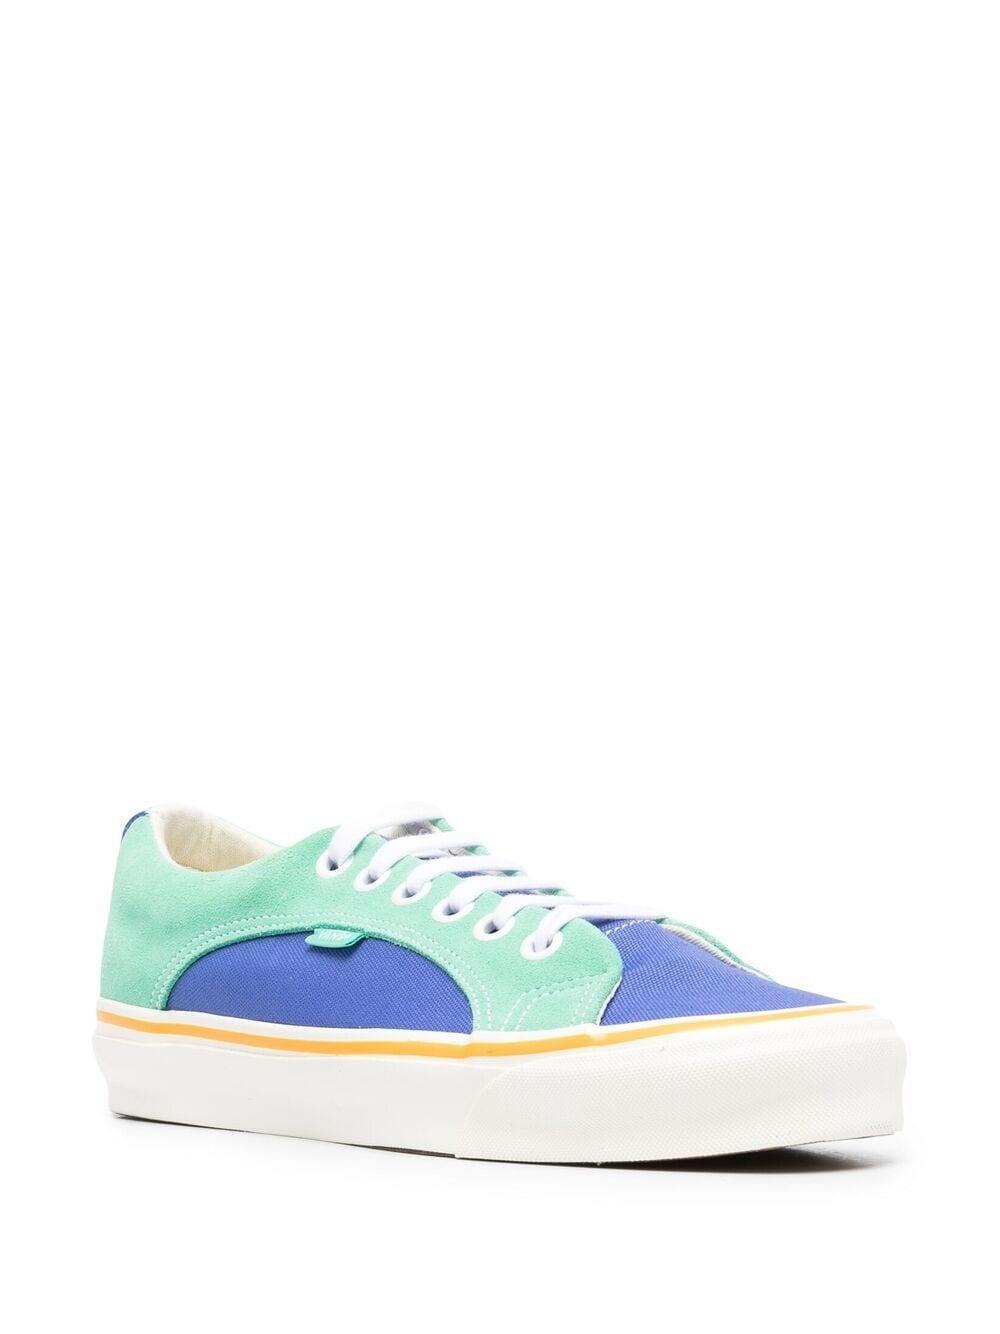 Vans Vault sneakers ua og lampin lx unisex multicolor VANS VAULT   Sneakers   VN0A45J64N41